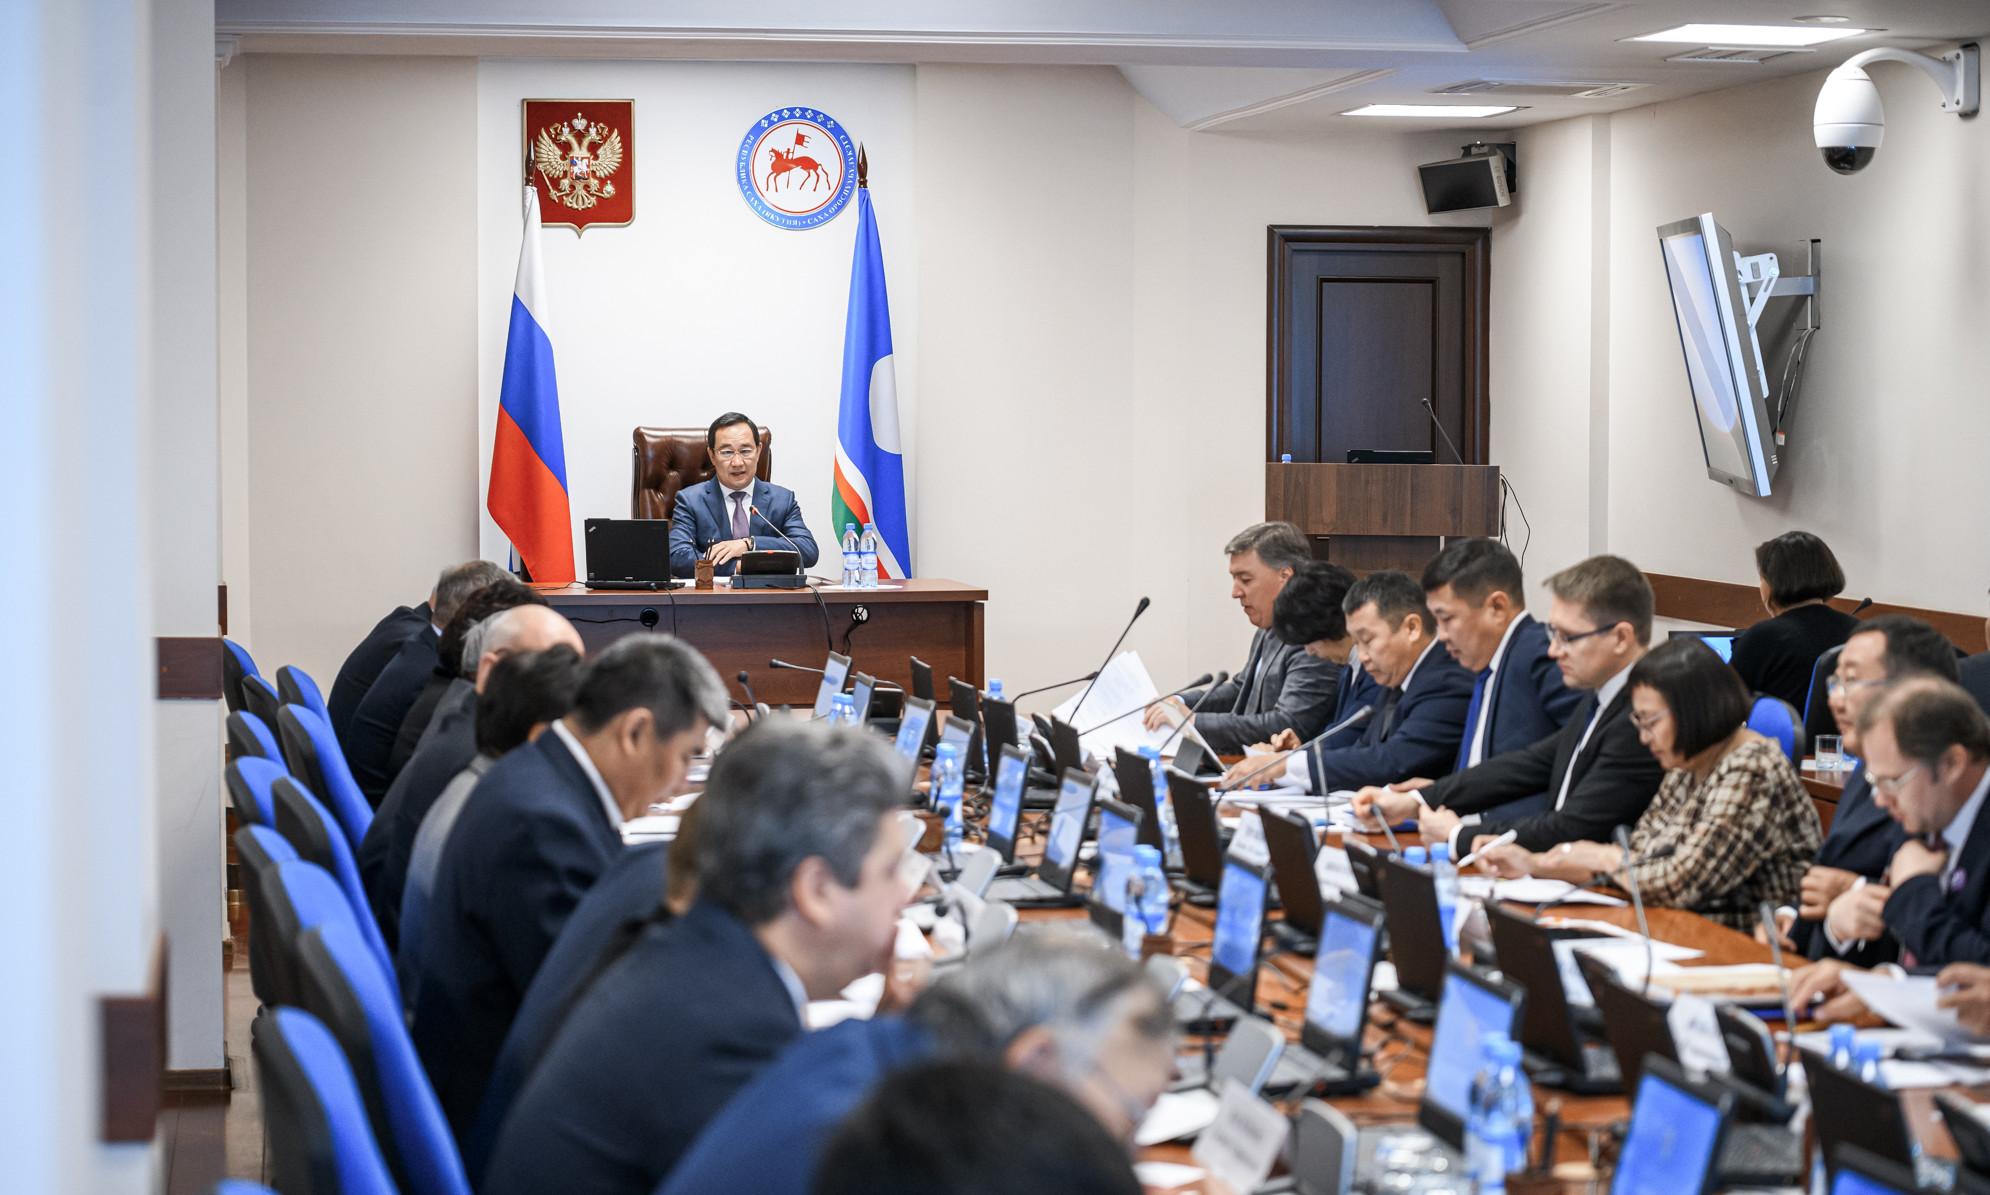 Глава Якутии: Органы МСУ и регоператоры должны сообща внедрять новую систему по обращению с ТКО